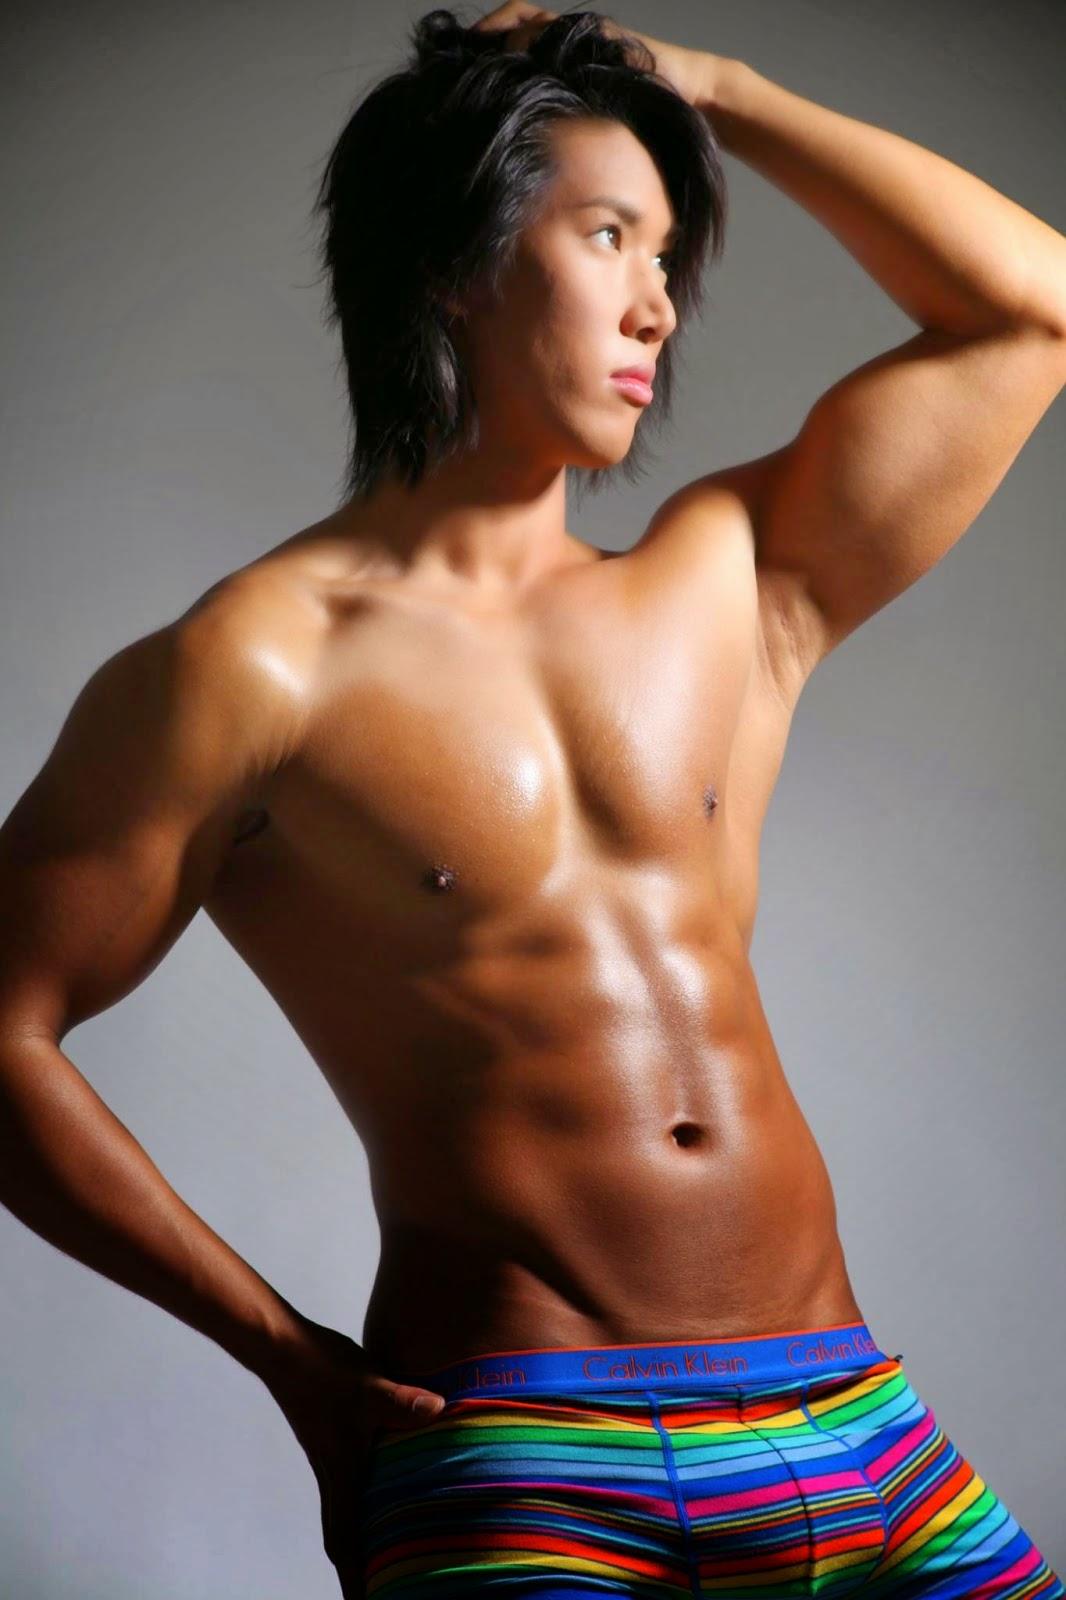 Free Gay Asian Pics 19